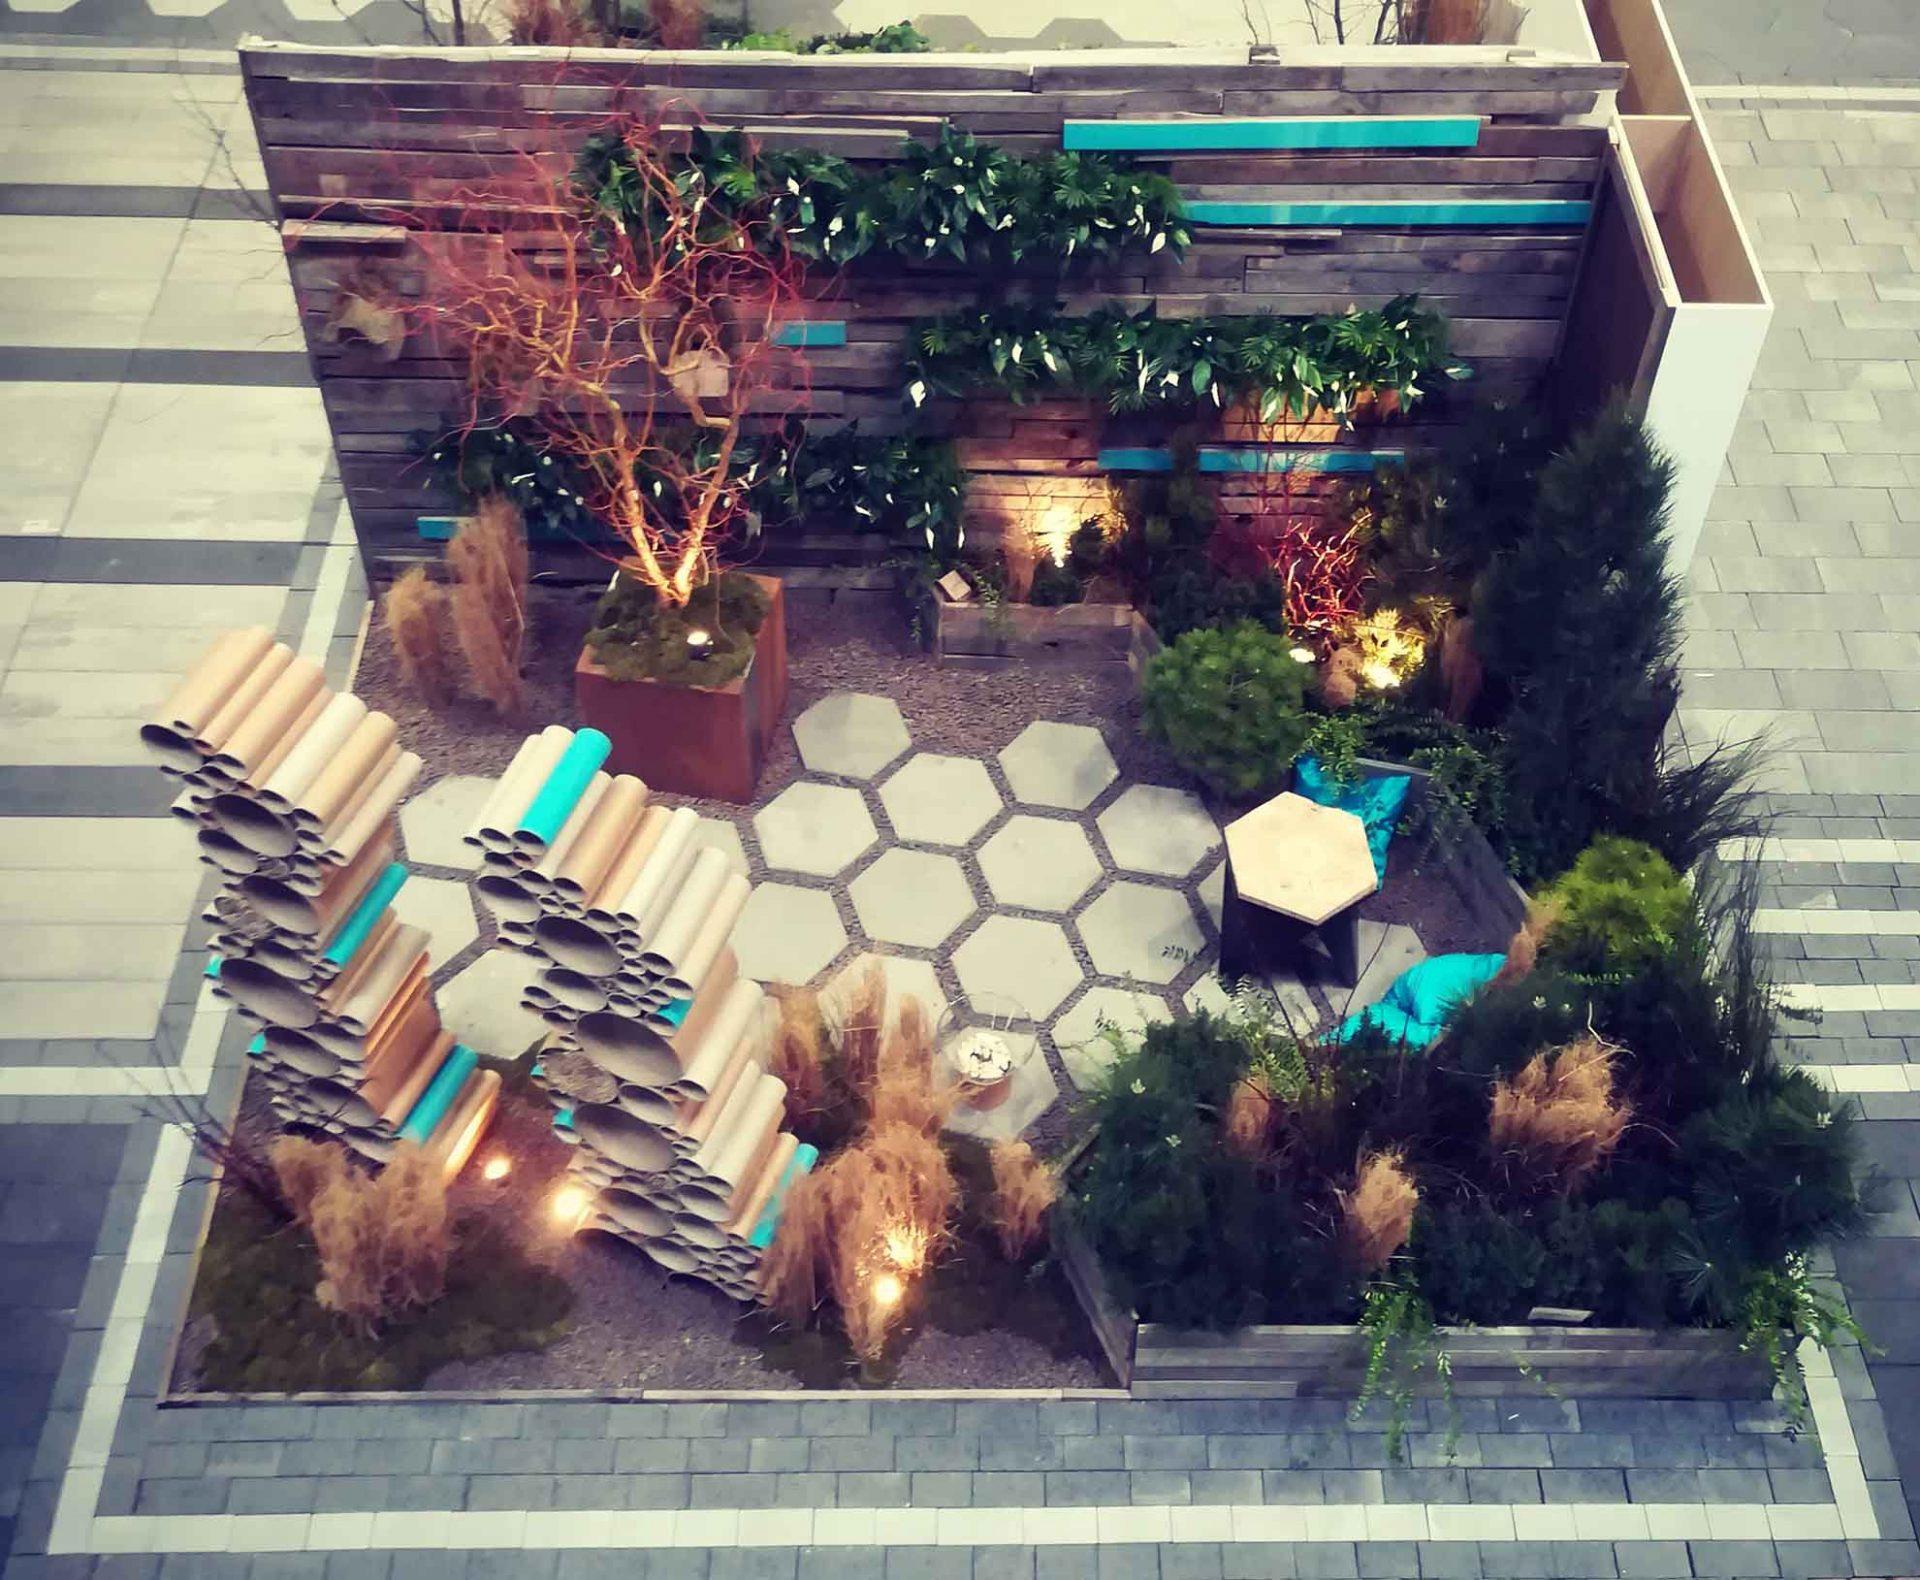 Ogród pokazowy, gardenia, widok z góry, trylinka, rzeźba , niebieskie elementy, widok z góry